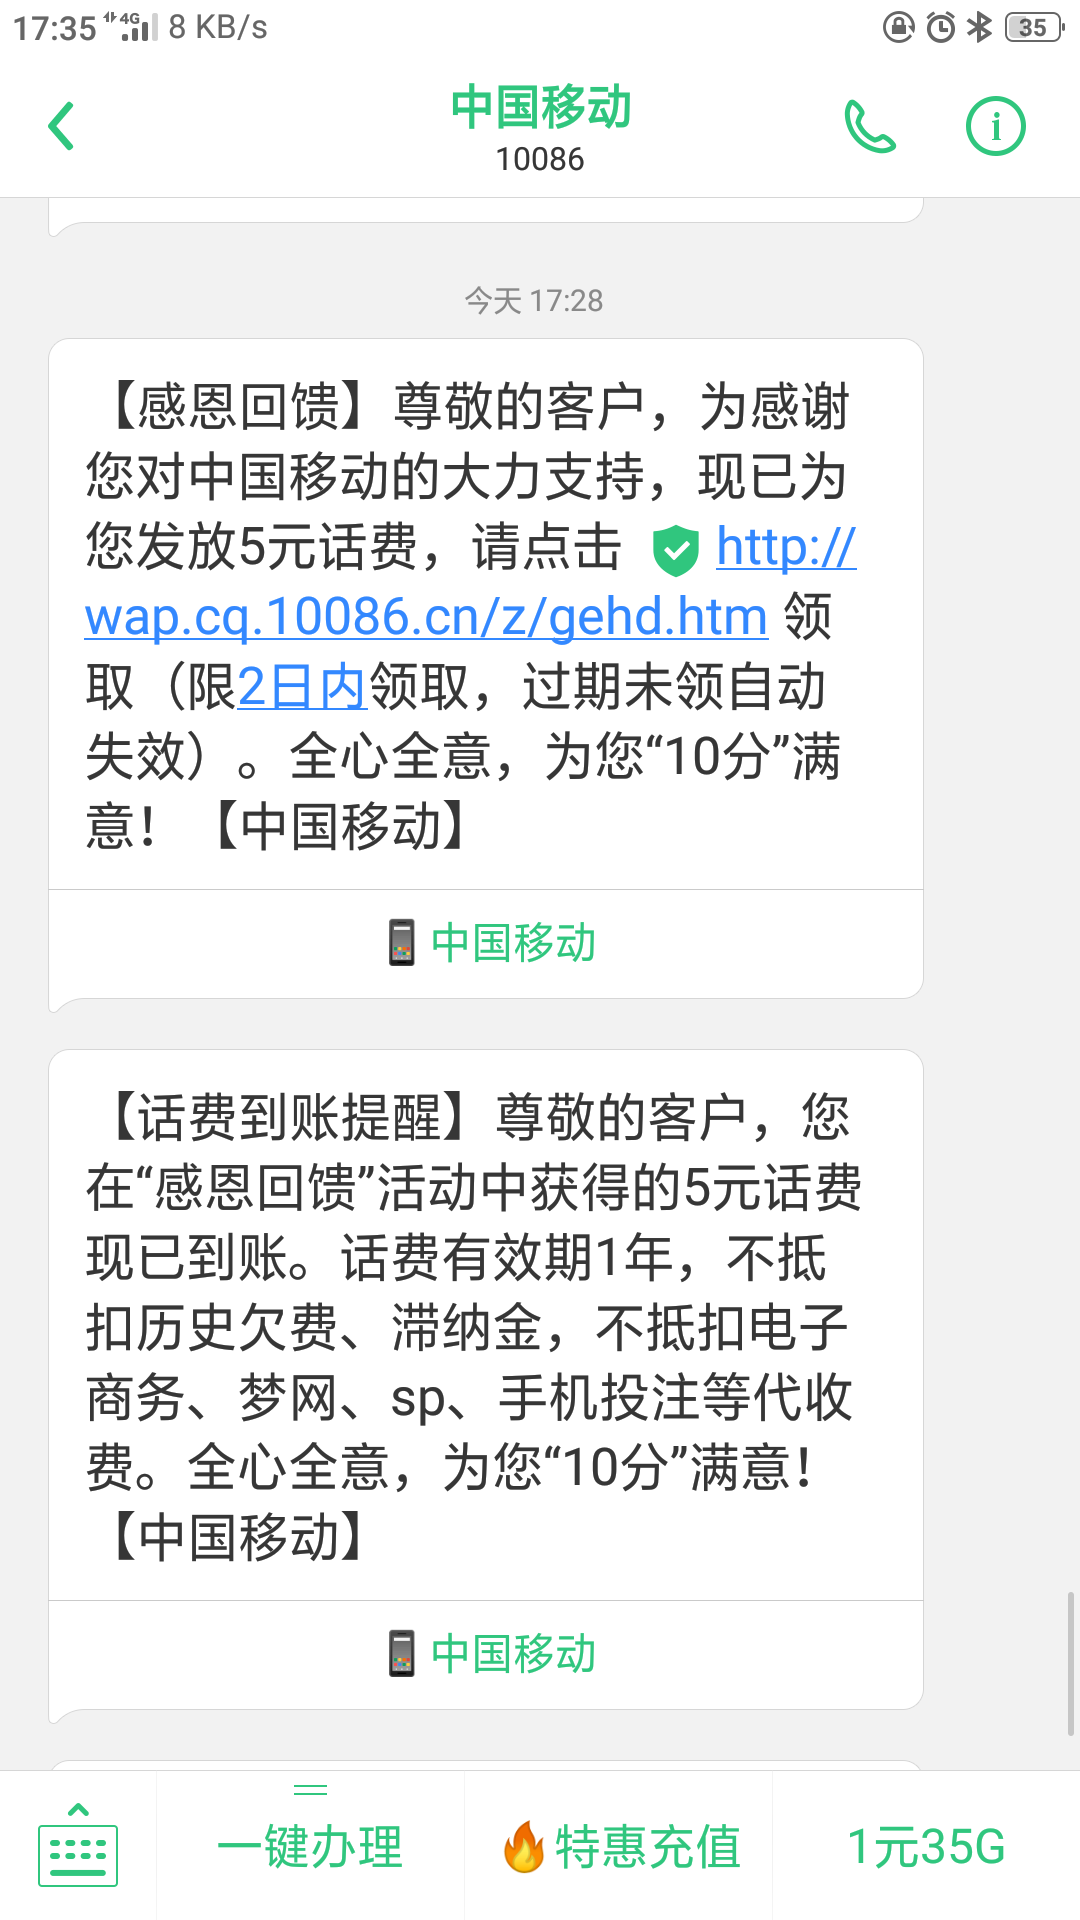 中国移动 白嫖5元话费 0要求!!